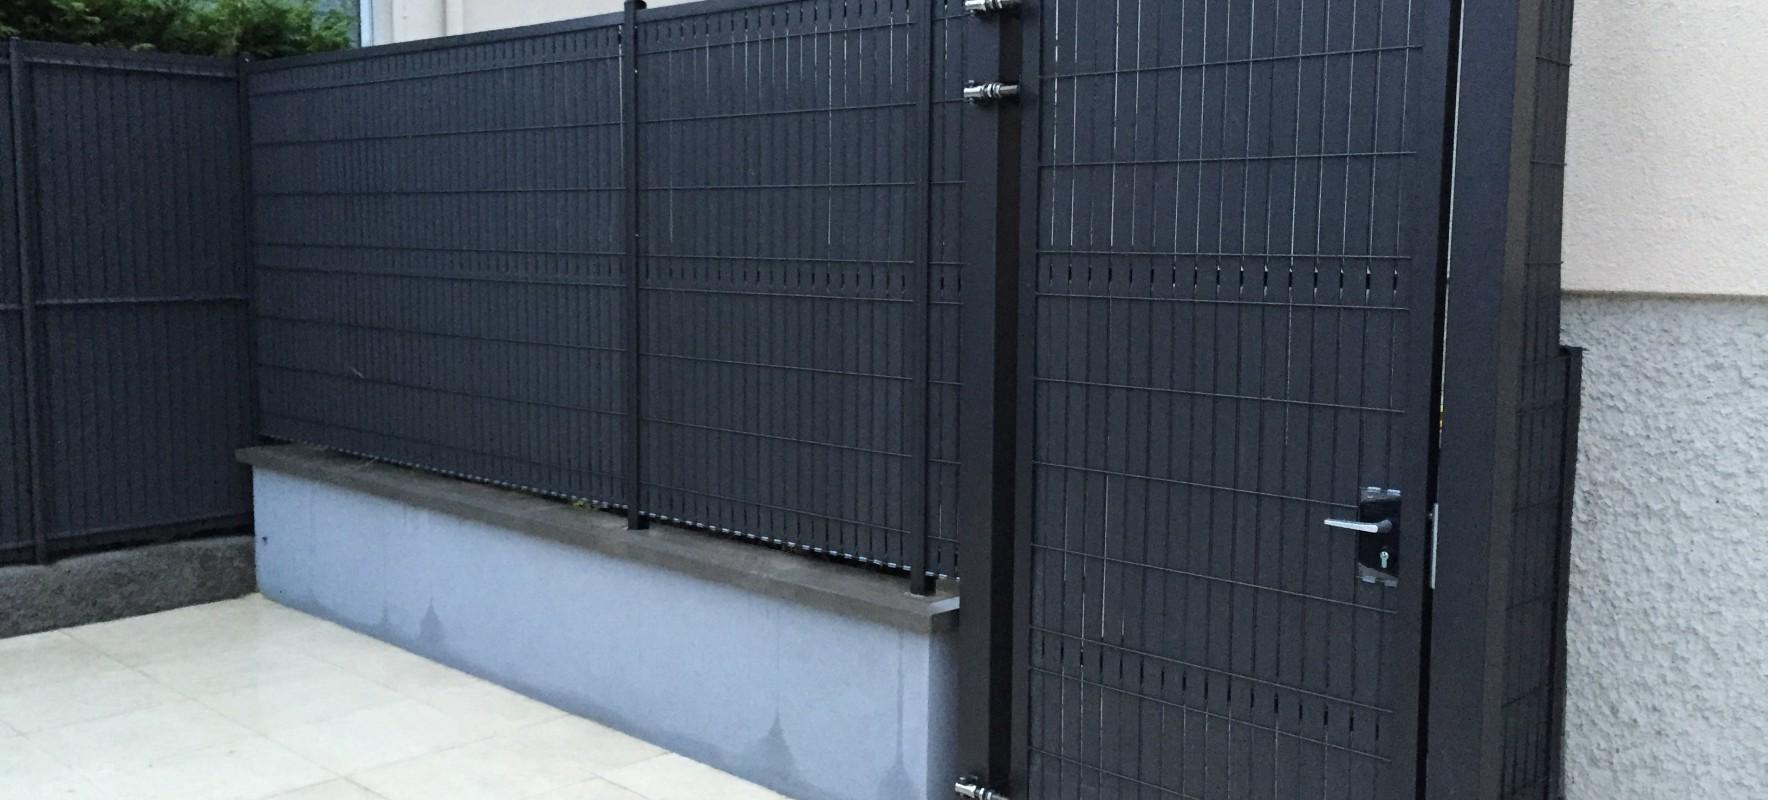 Cloture panneaux rigides et portillon occulte gris